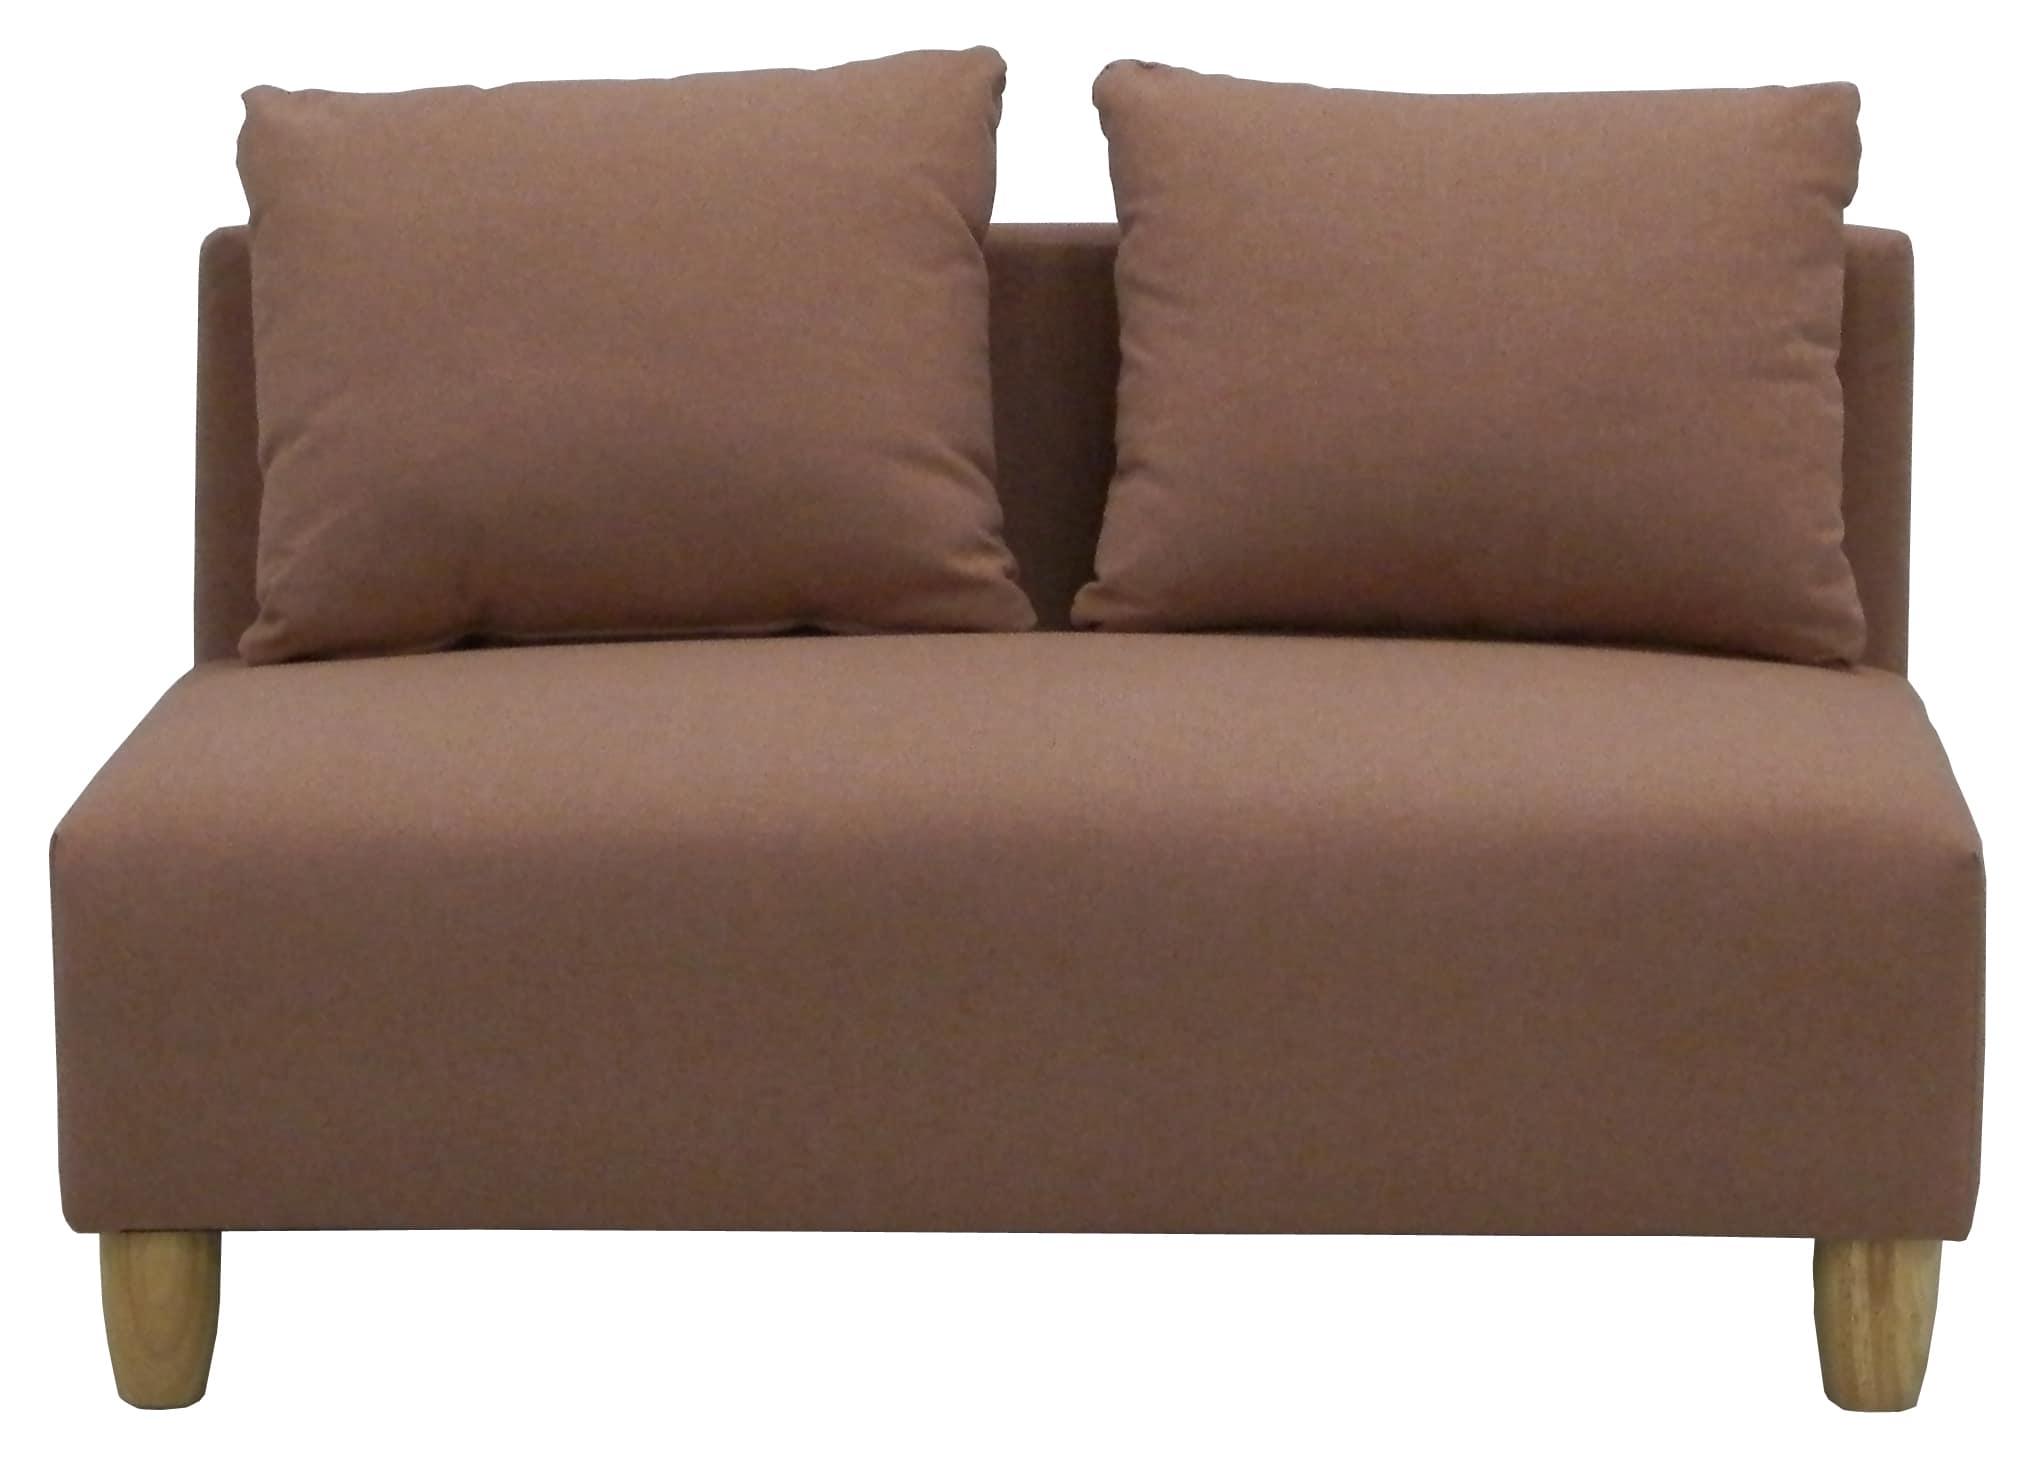 2人掛けソファ リベルタ ローズ:《座り心地抜群のソファー「リベルタ」》